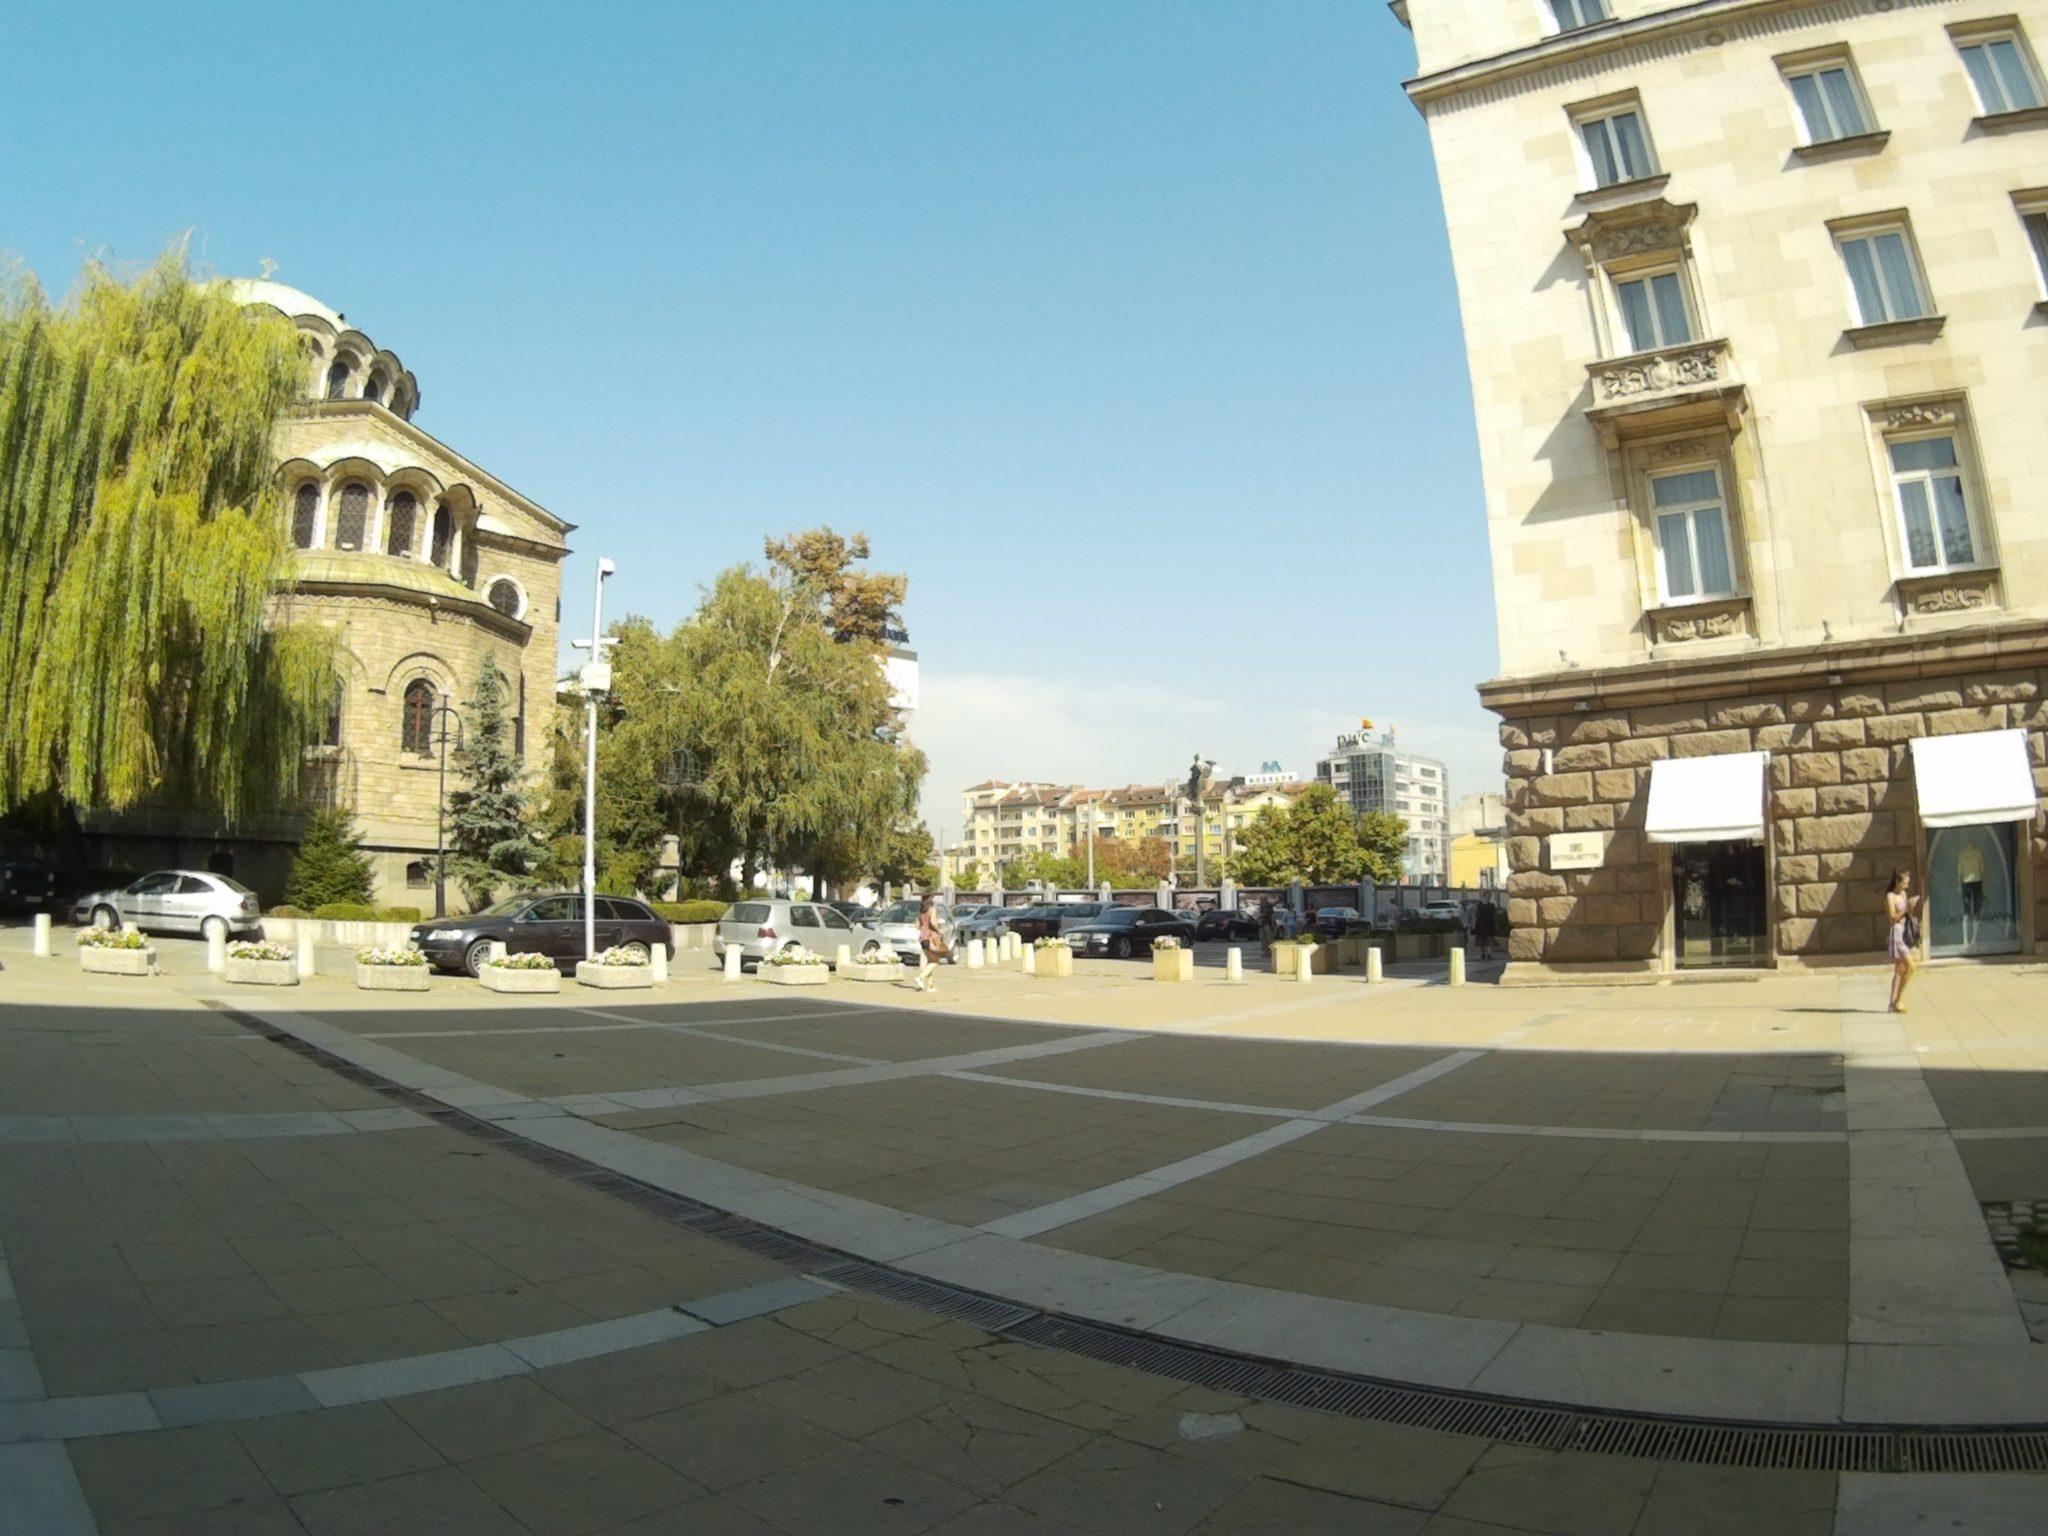 Ταξίδι στη Σόφια – Βουλγαρία